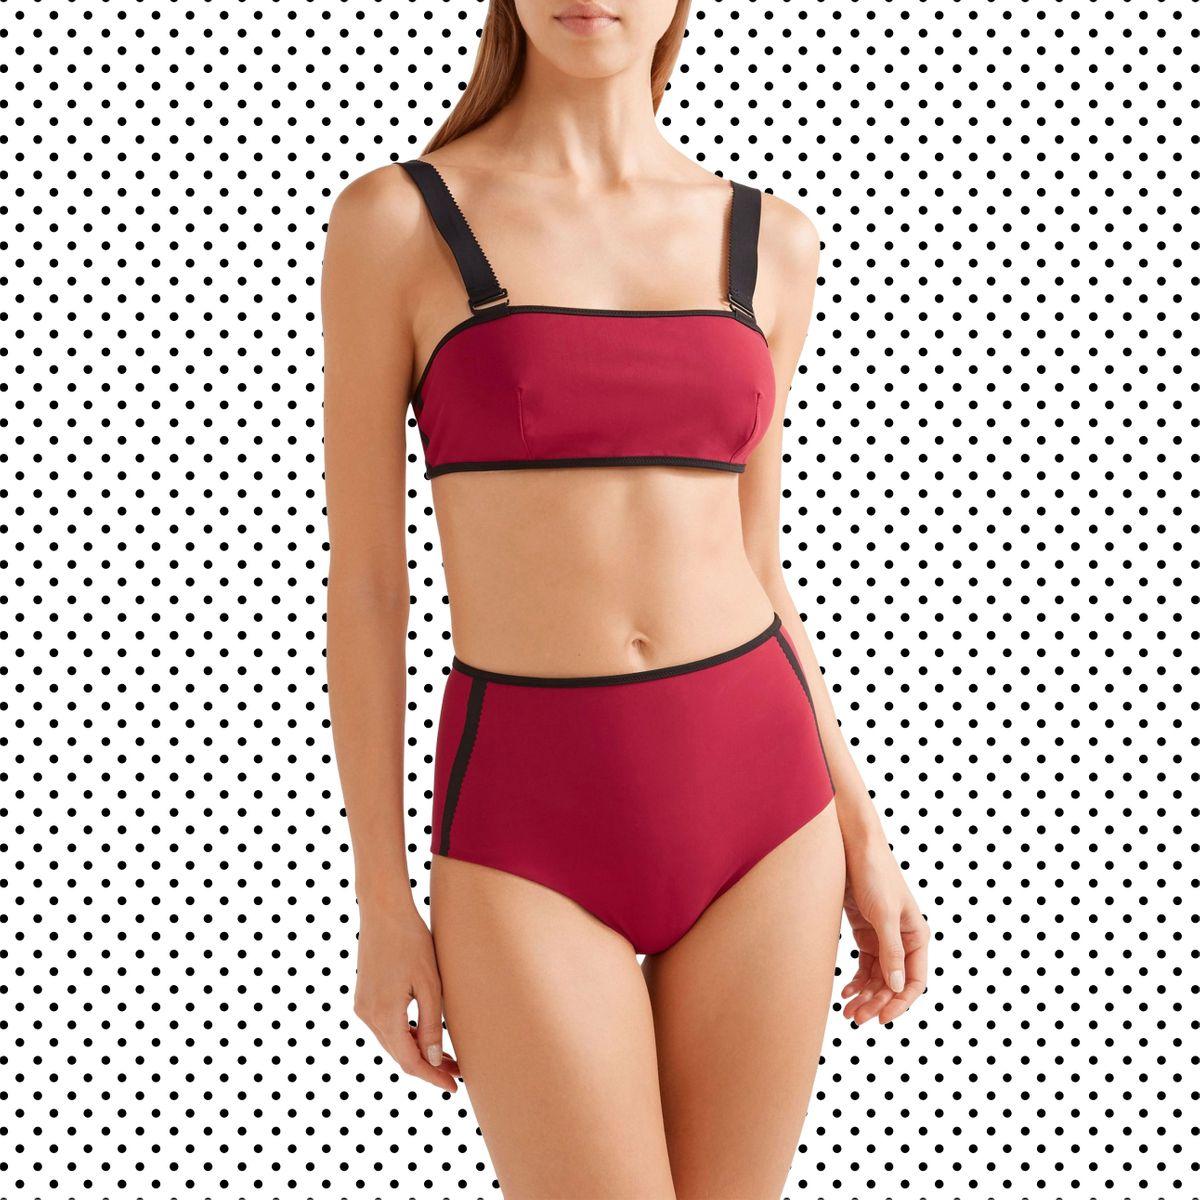 6a1d79229 21 Cute High-Waisted Bikinis to Wear This Summer